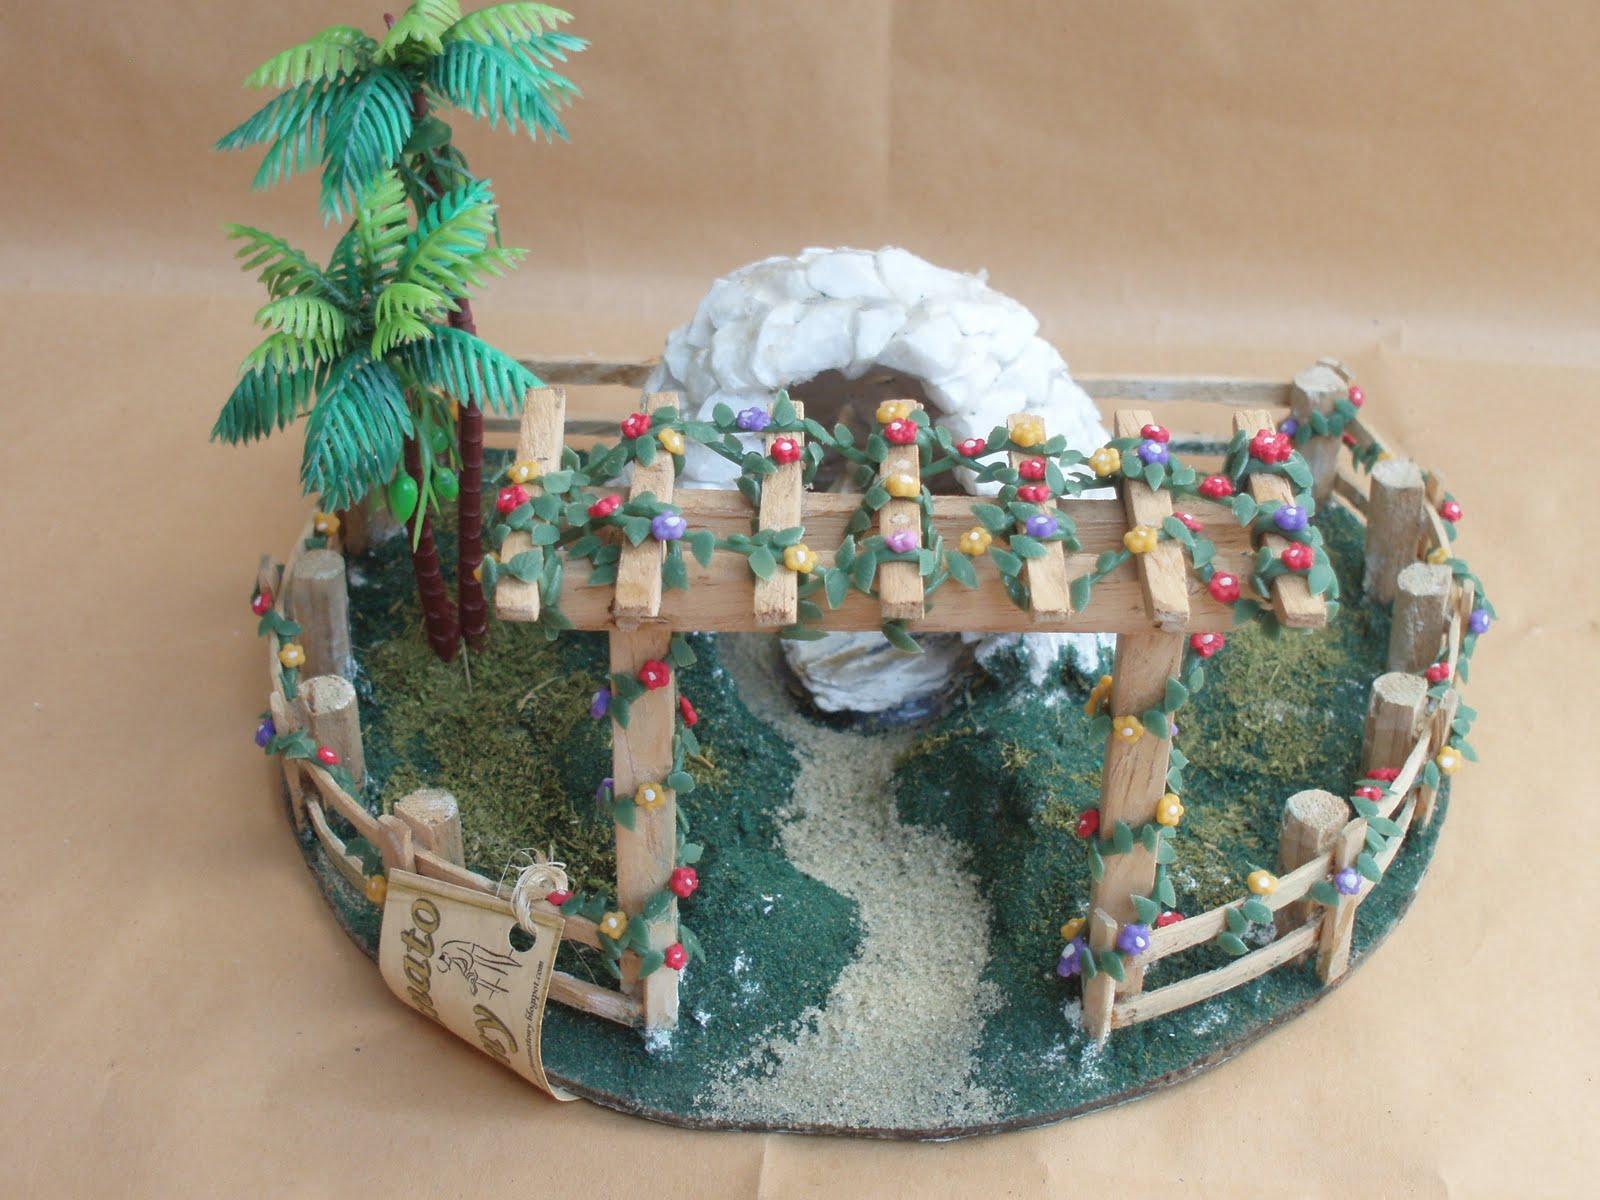 gruta de pedra para jardim : gruta de pedra para jardim:Gruta de Pedra Branca Modelo numero II Com Santa em Pedra Vinda de